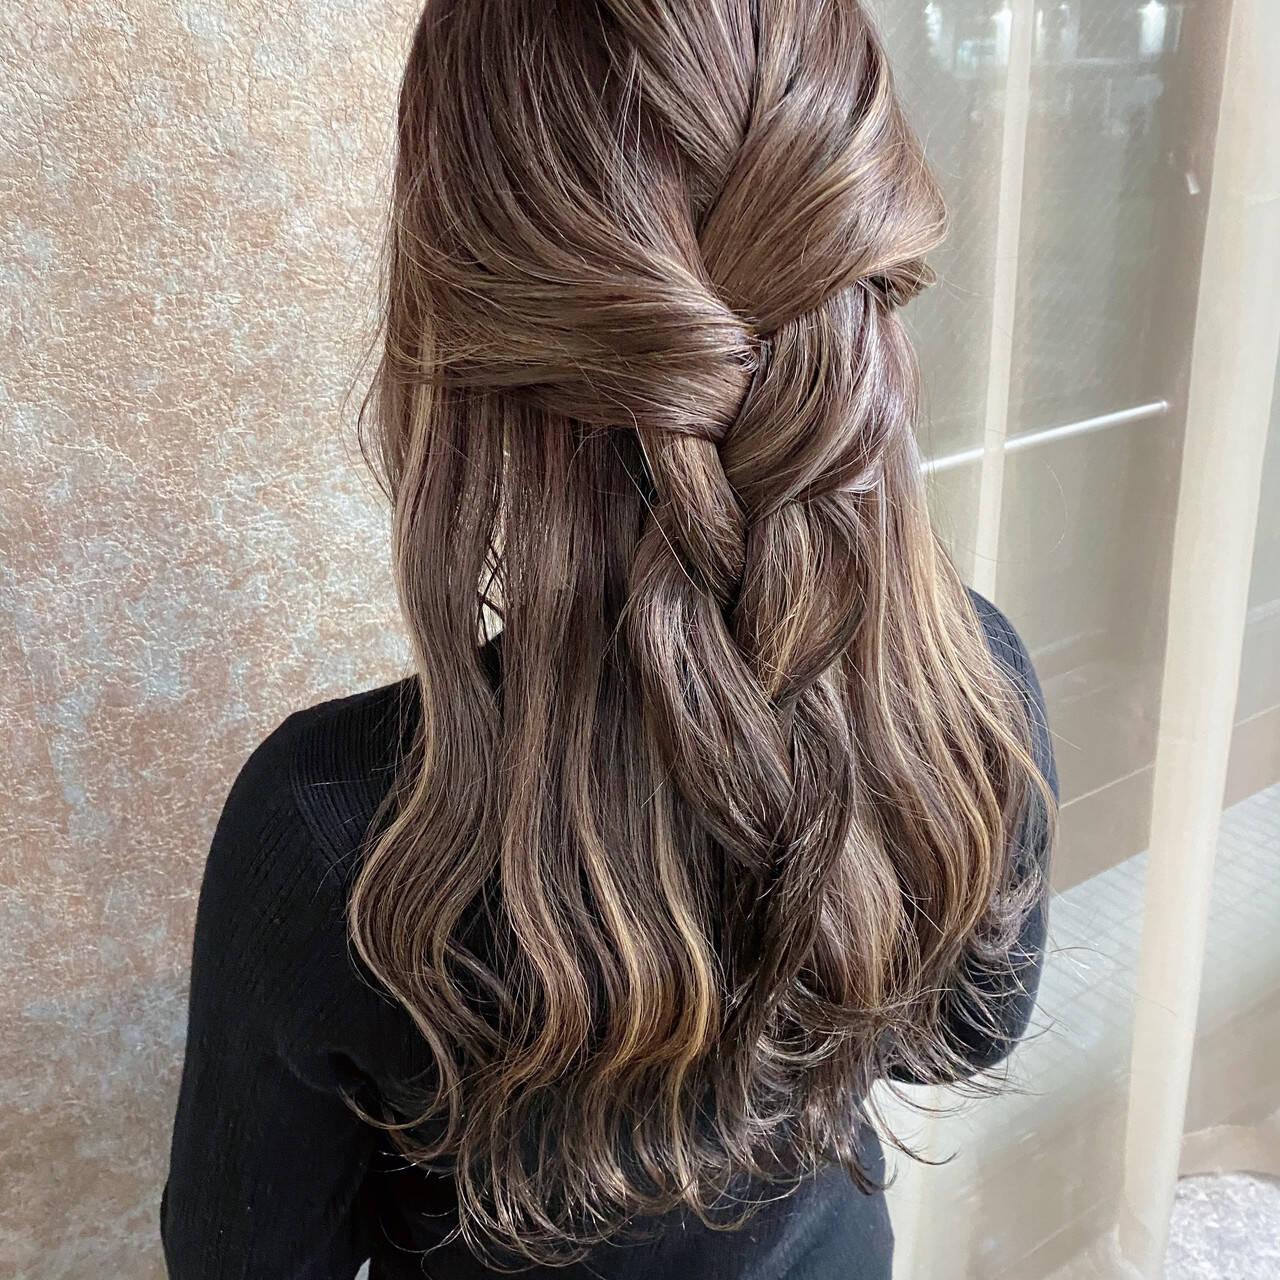 極細ハイライト コントラストハイライト ハイライト ロングヘアスタイルや髪型の写真・画像